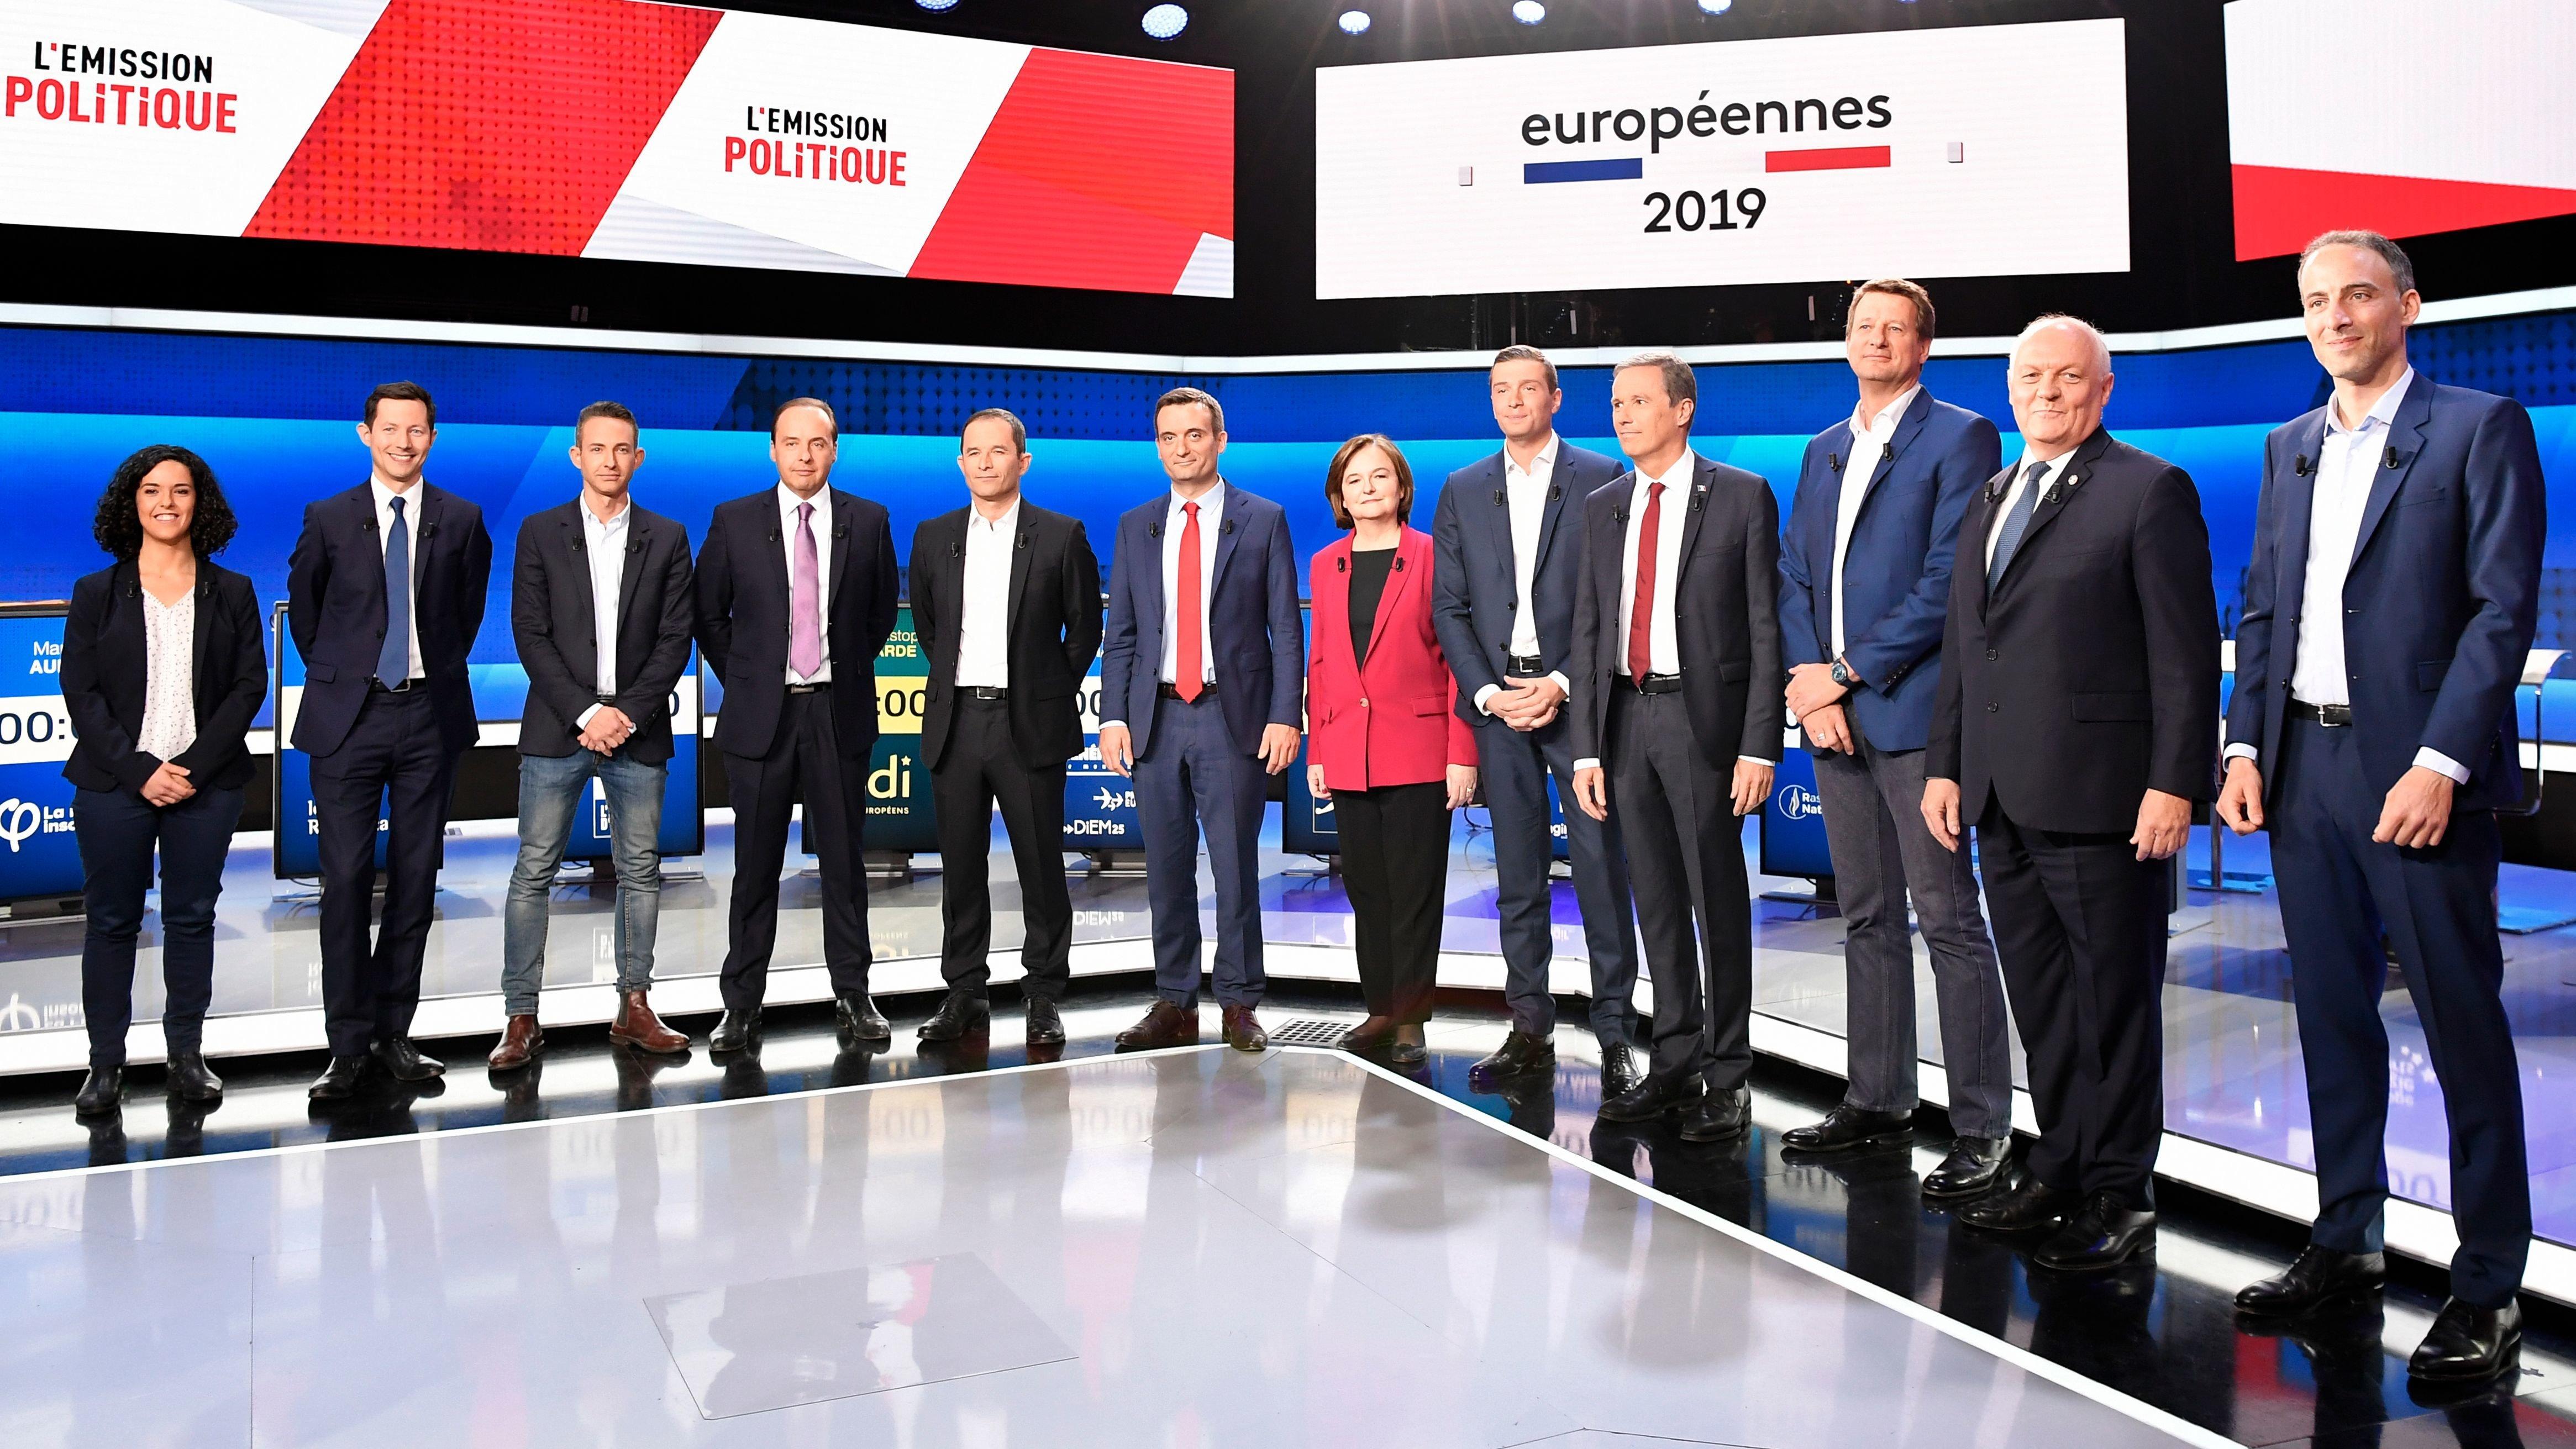 Les échanges lors du débat des européennes virent aux combats